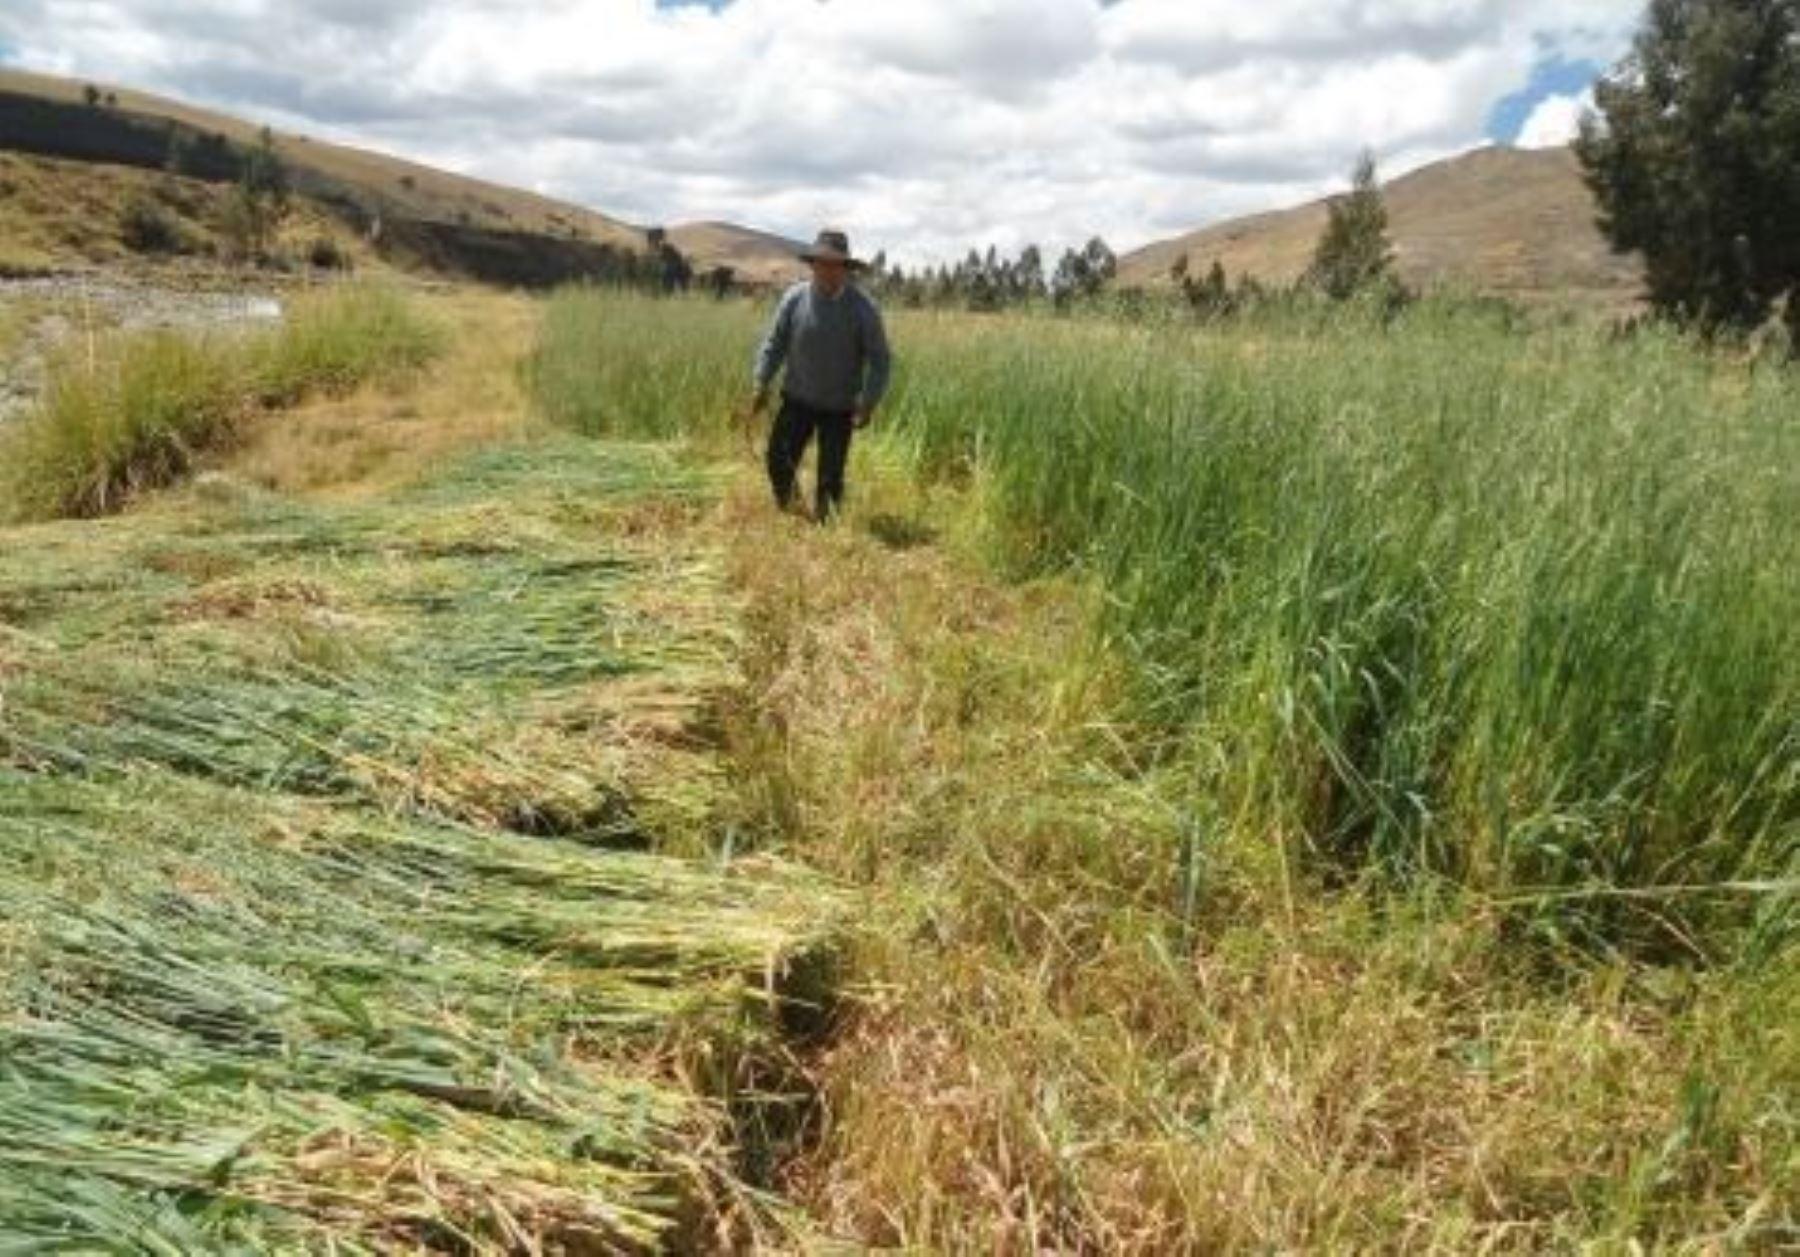 Campaña de siembra de pastos y forrajes 2020-2021 beneficiará a más de 10,000 familias ganaderas de Cajamarca. ANDINA/Difusión